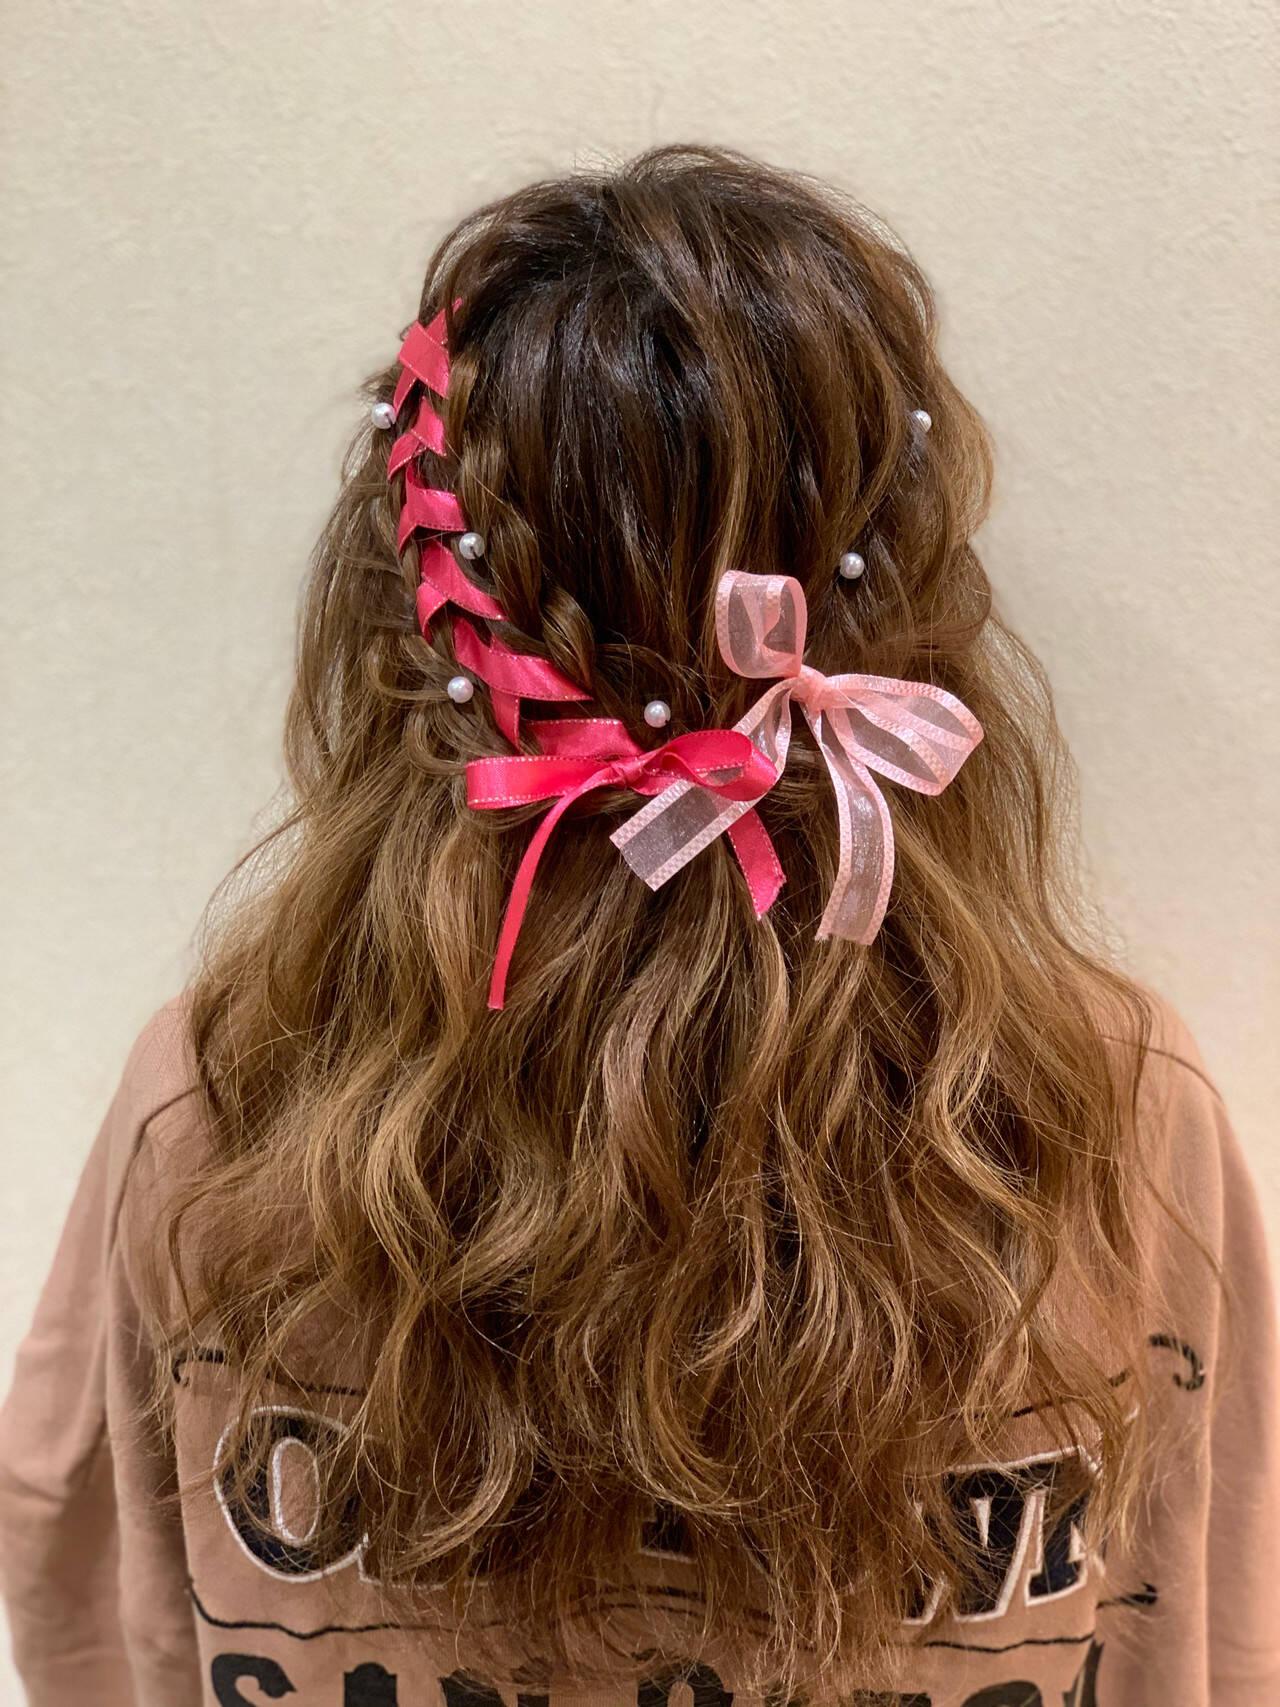 ボブ ふわふわヘアアレンジ ハーフアップ イベントヘアスタイルや髪型の写真・画像